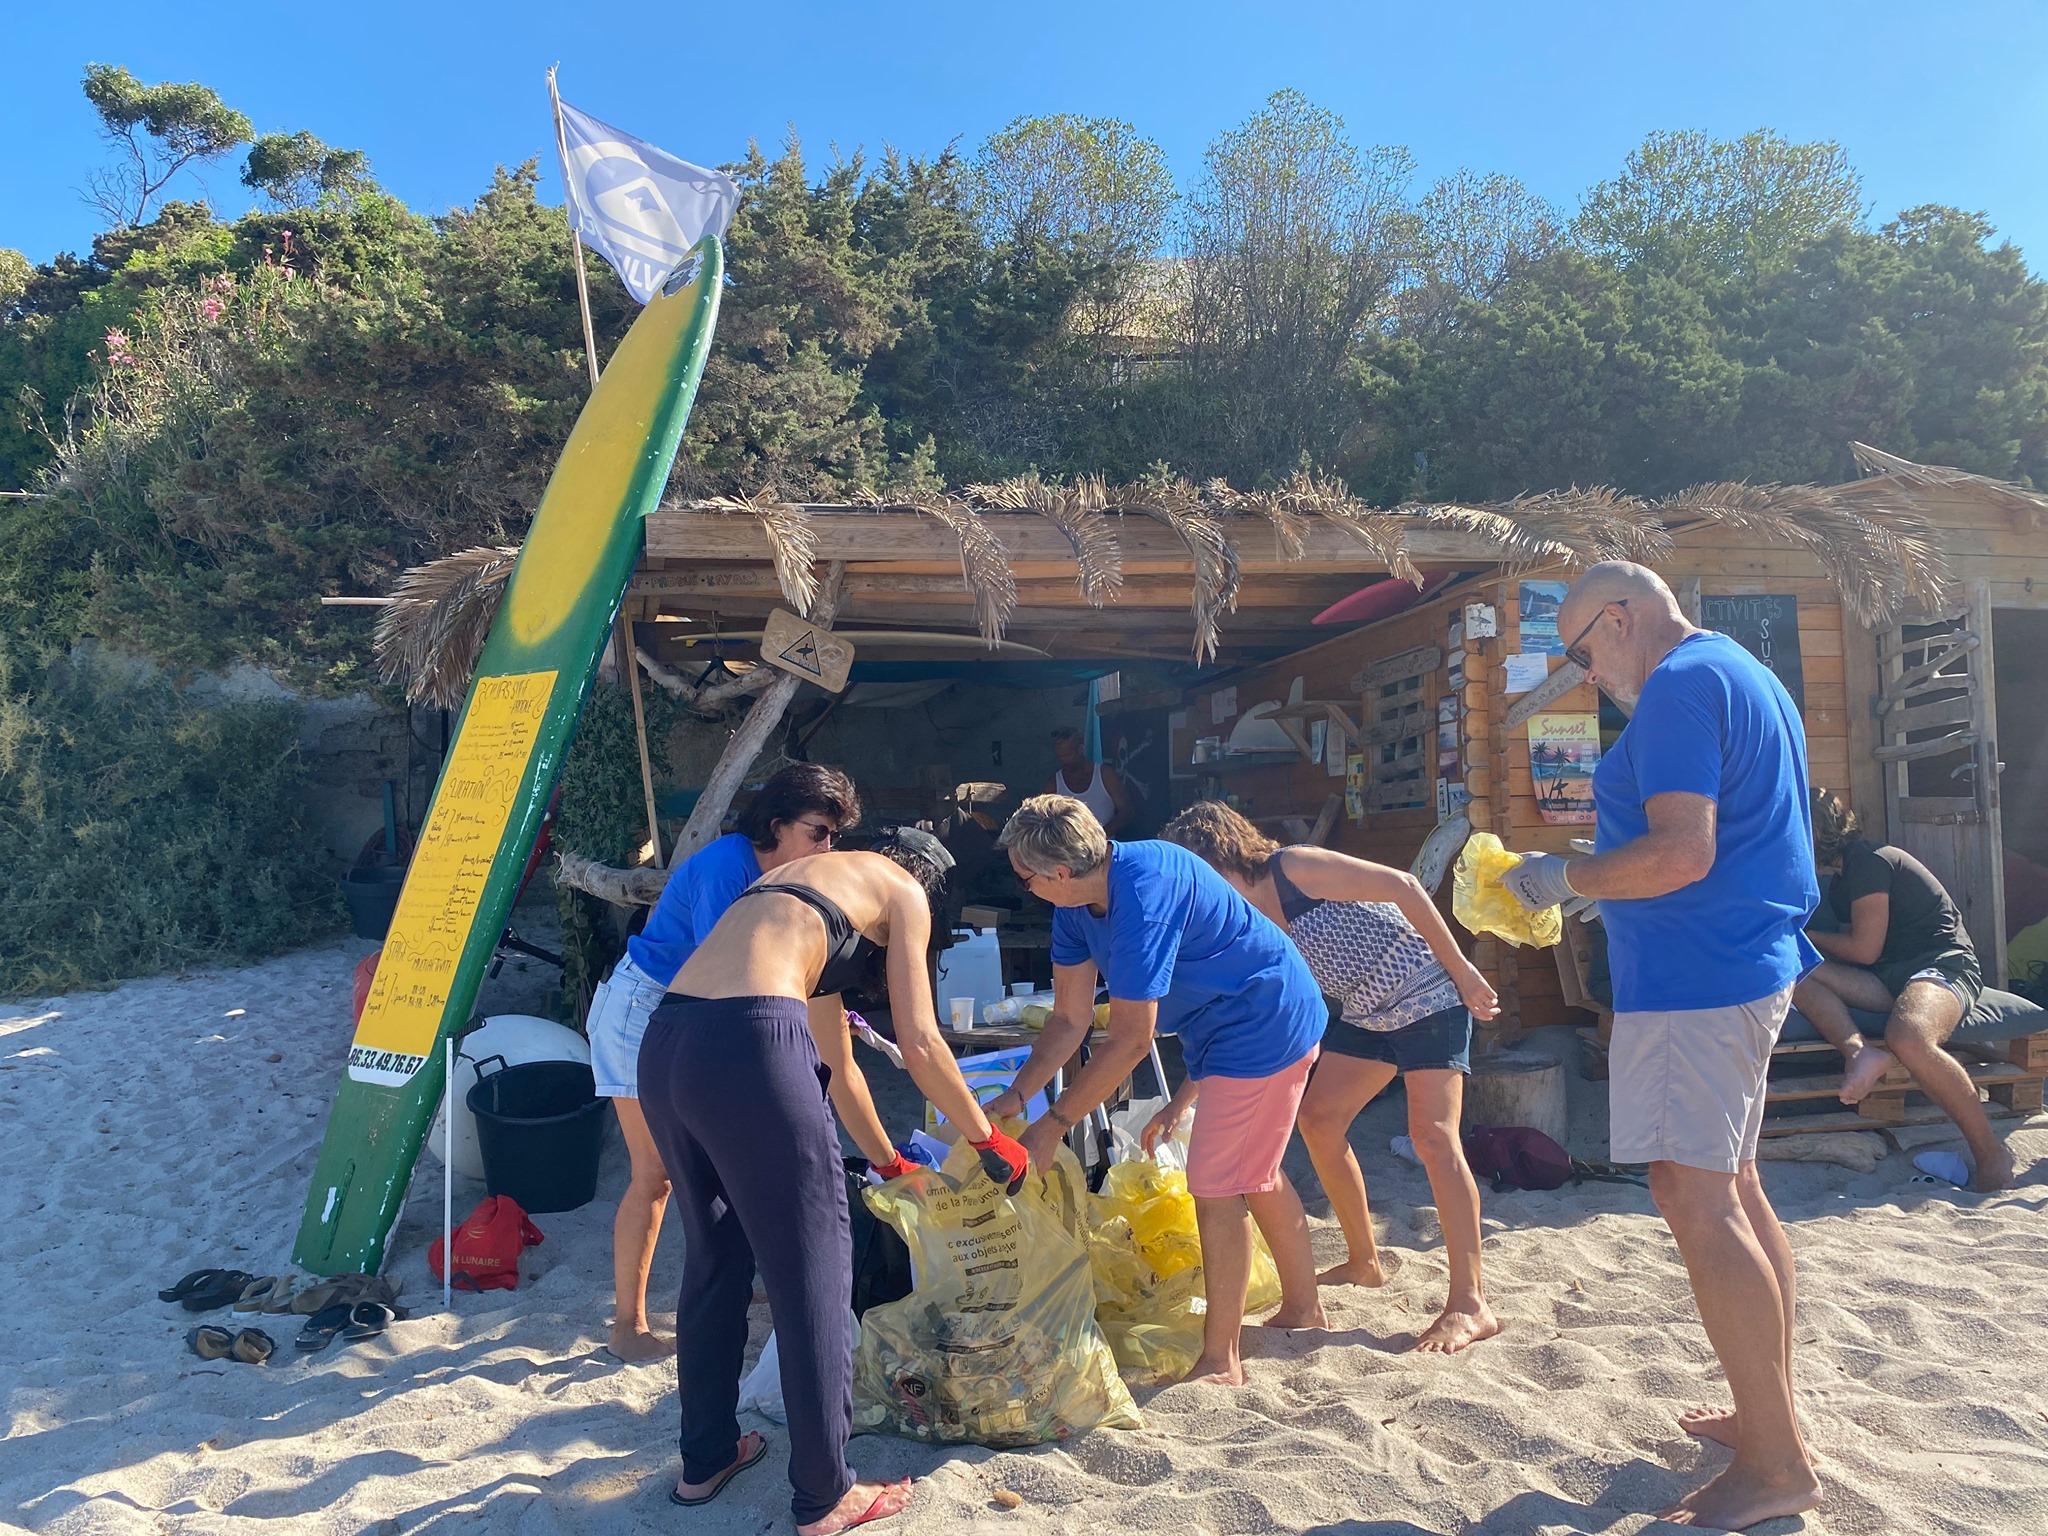 Nettoyage de plage et fonds marins suivi d'un spuntinu - Samedi 9 octobre - Plage de Stagnola